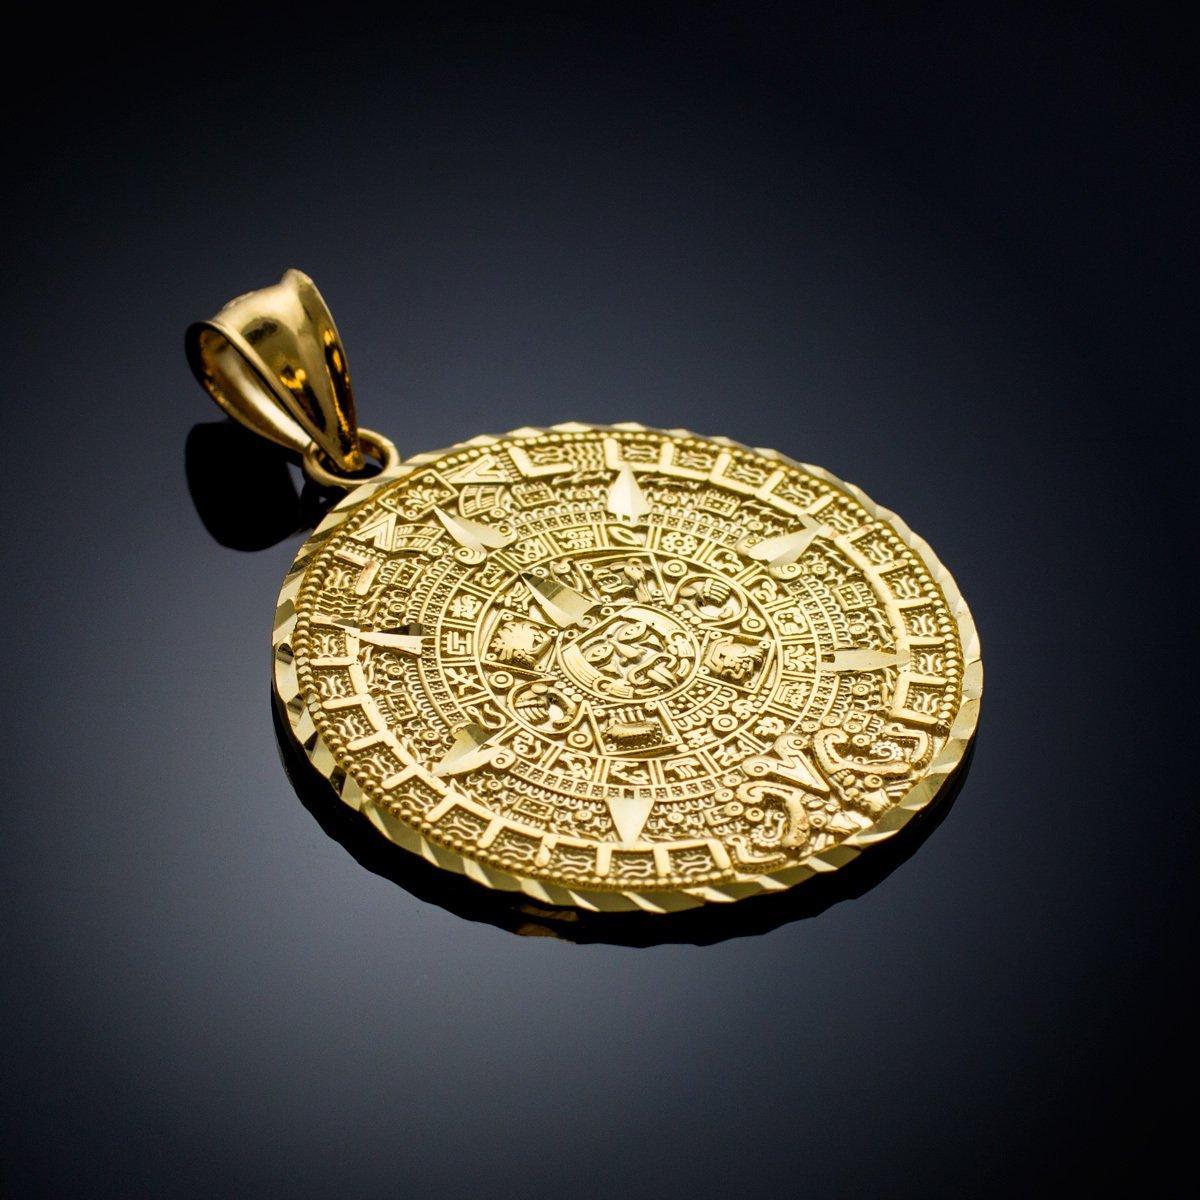 Amazon 14k yellow gold aztec charm mayan calendar pendant 254 amazon 14k yellow gold aztec charm mayan calendar pendant 254 millimeters mayan jewelry jewelry aloadofball Choice Image